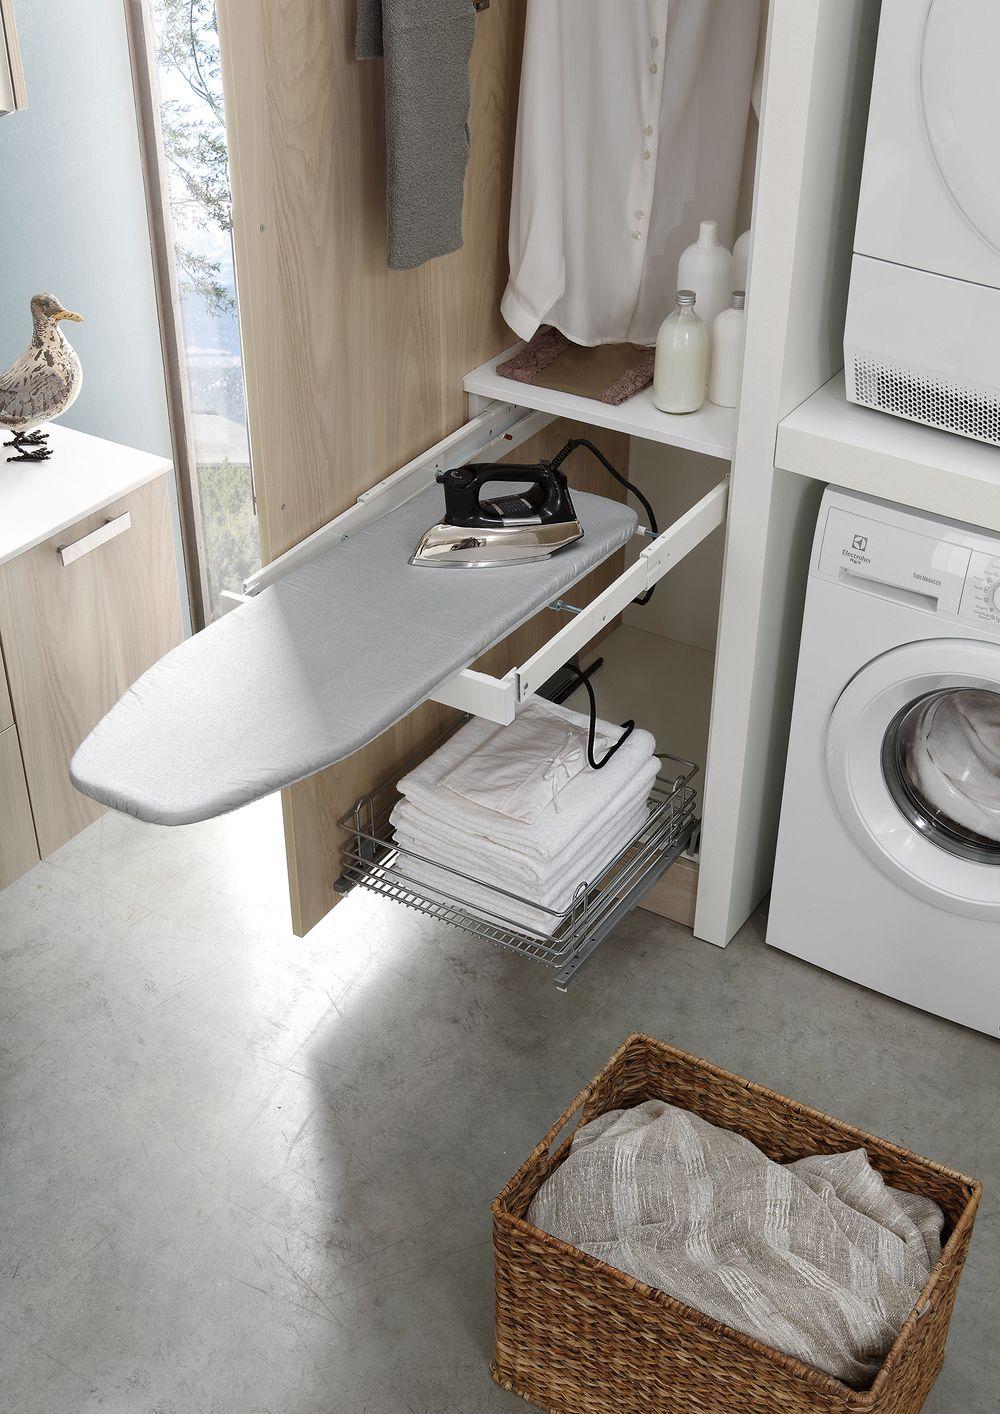 Risultati immagini per progetto bagno con doccia e lavatrice e antibagno casa nel 2018 - Bagno e antibagno ...